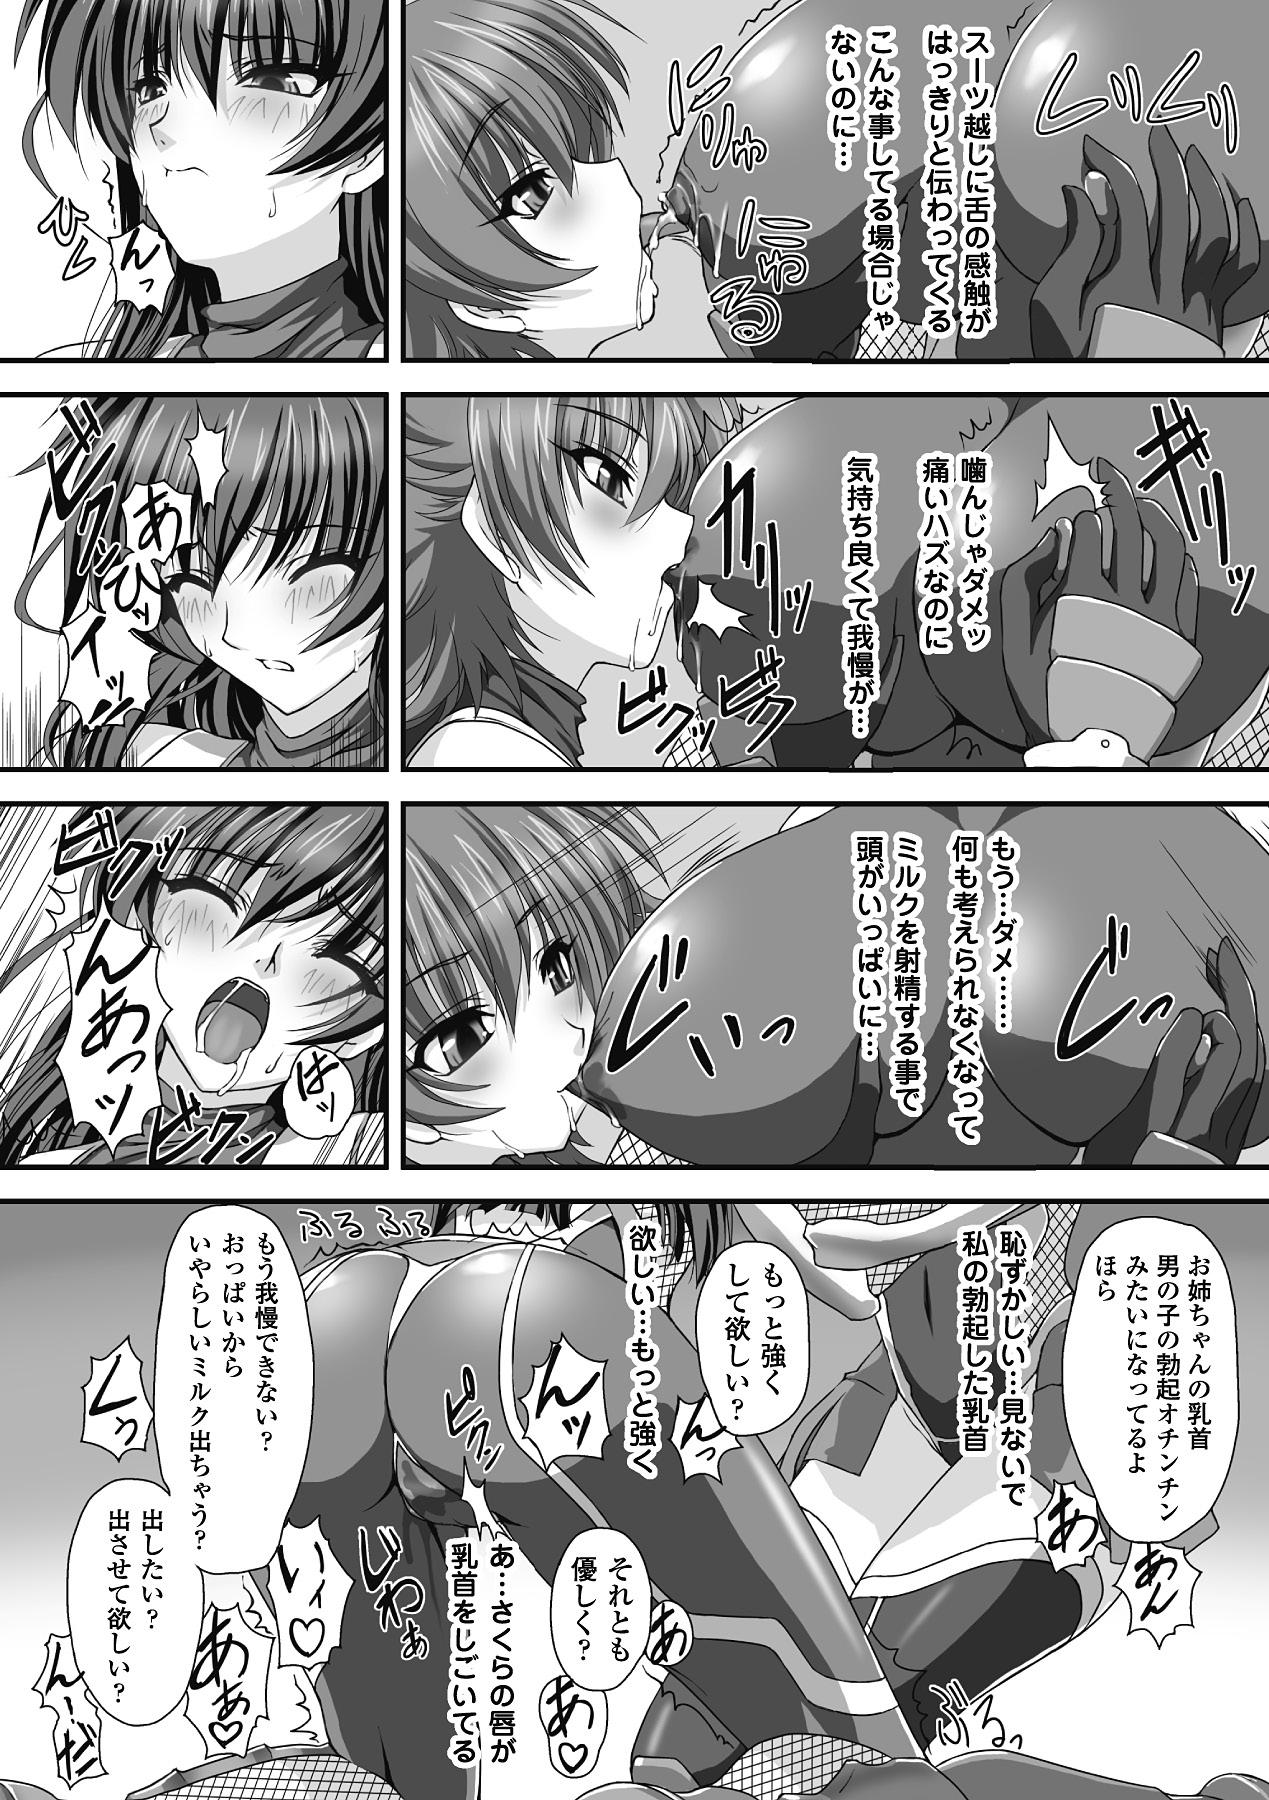 Taimanin Asagi Hajigyaku no Ankokuyuugi THE COMIC 15